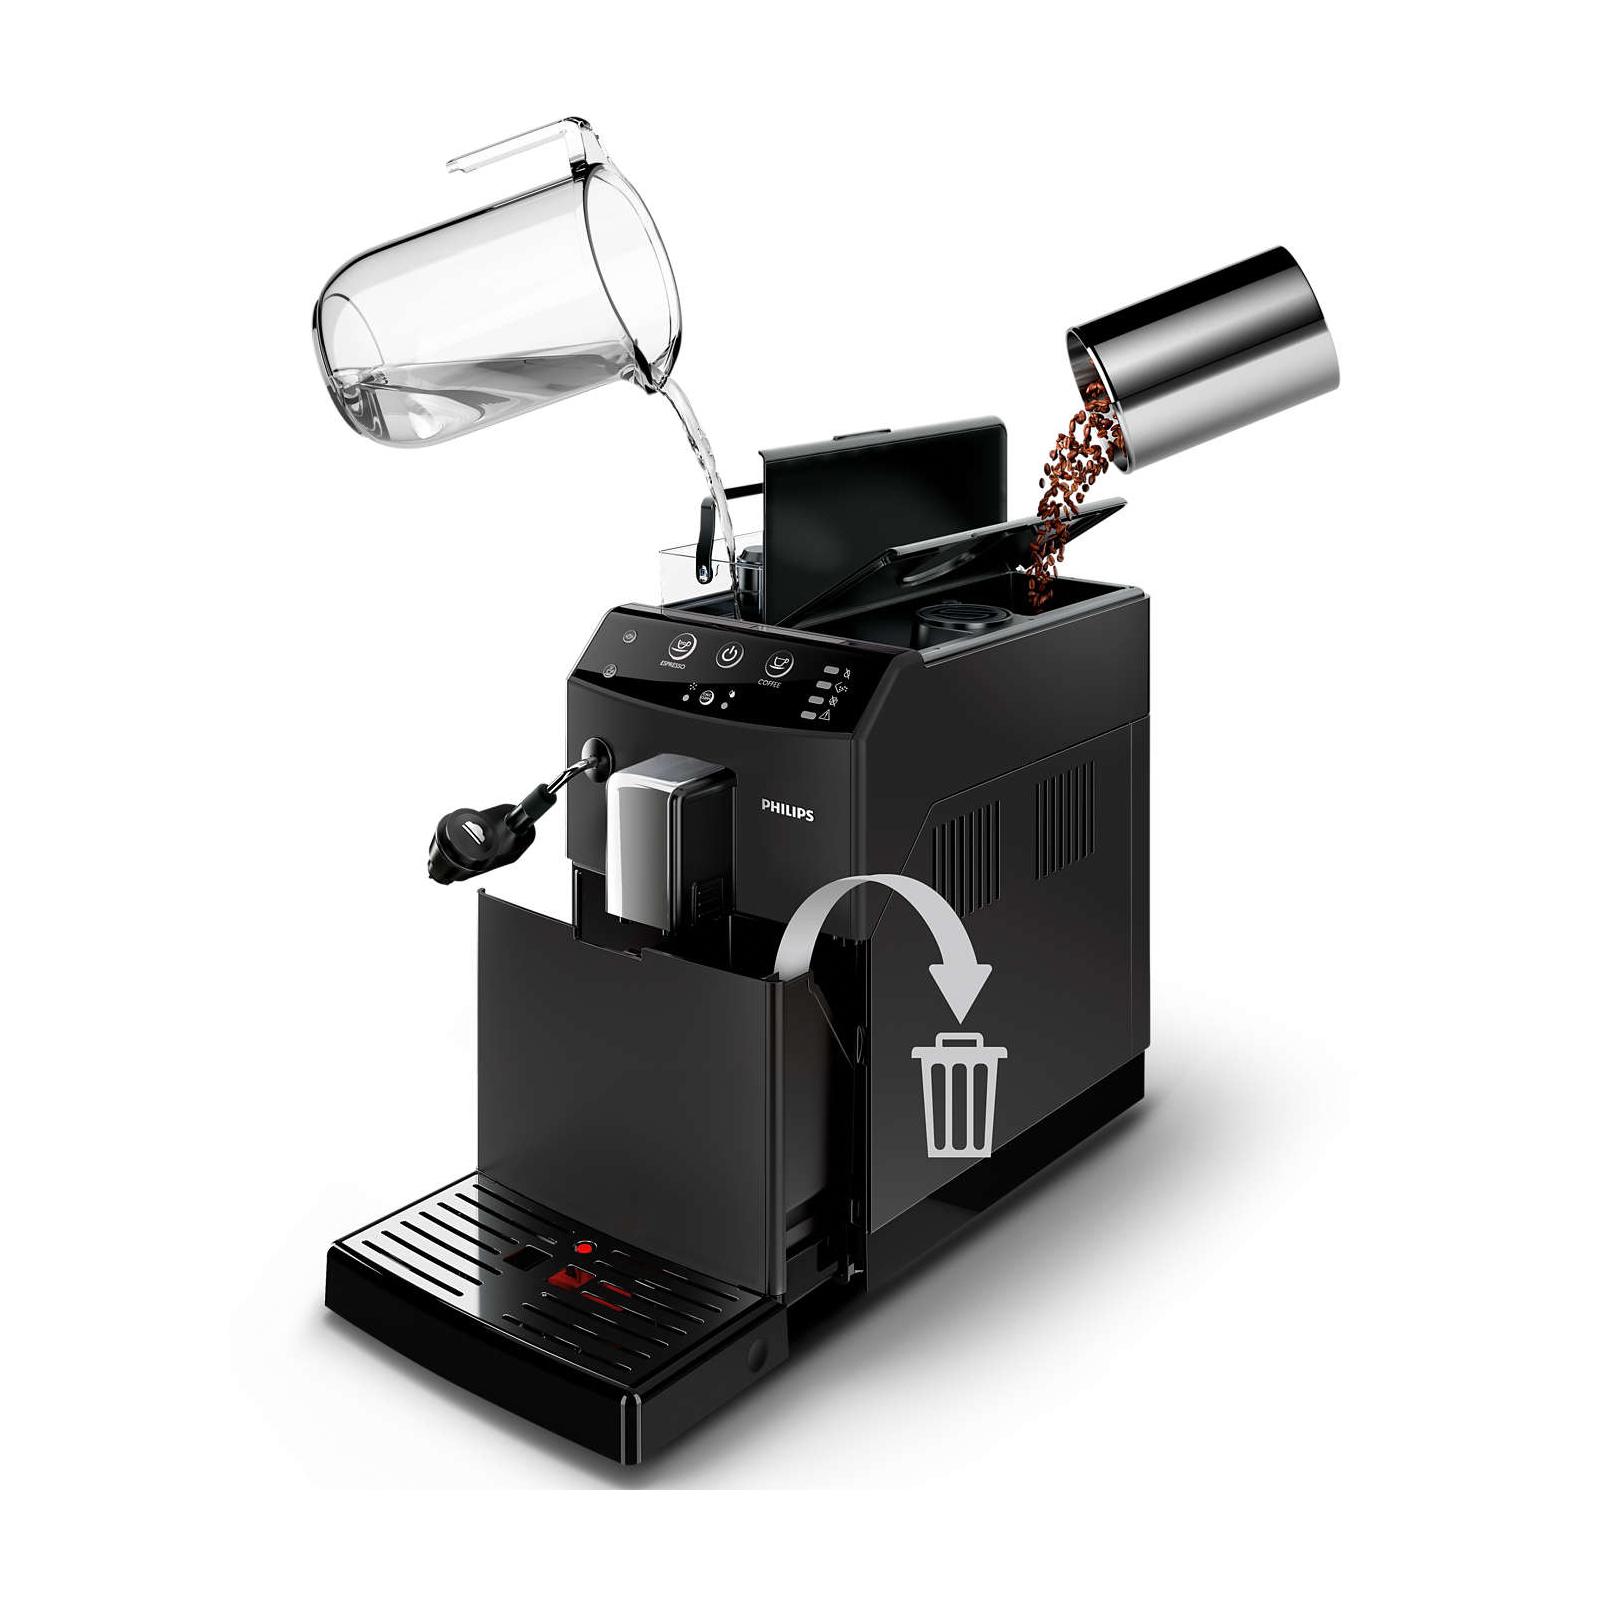 Кофеварка PHILIPS HD 8825/09 (HD8825/09) изображение 6